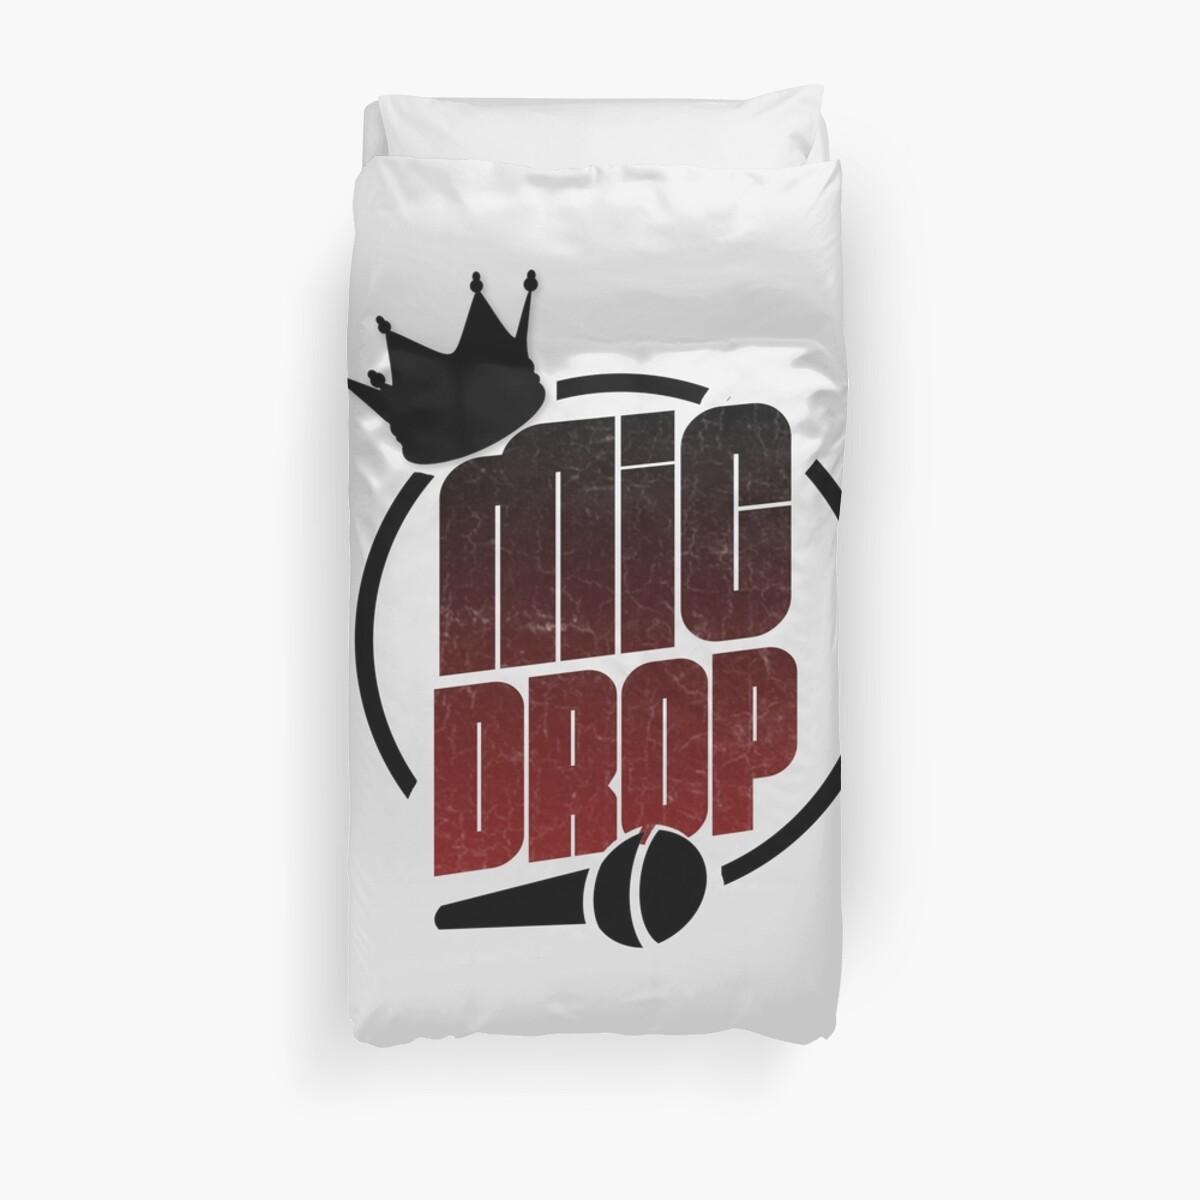 MIC DROP 1 by hwanghaes